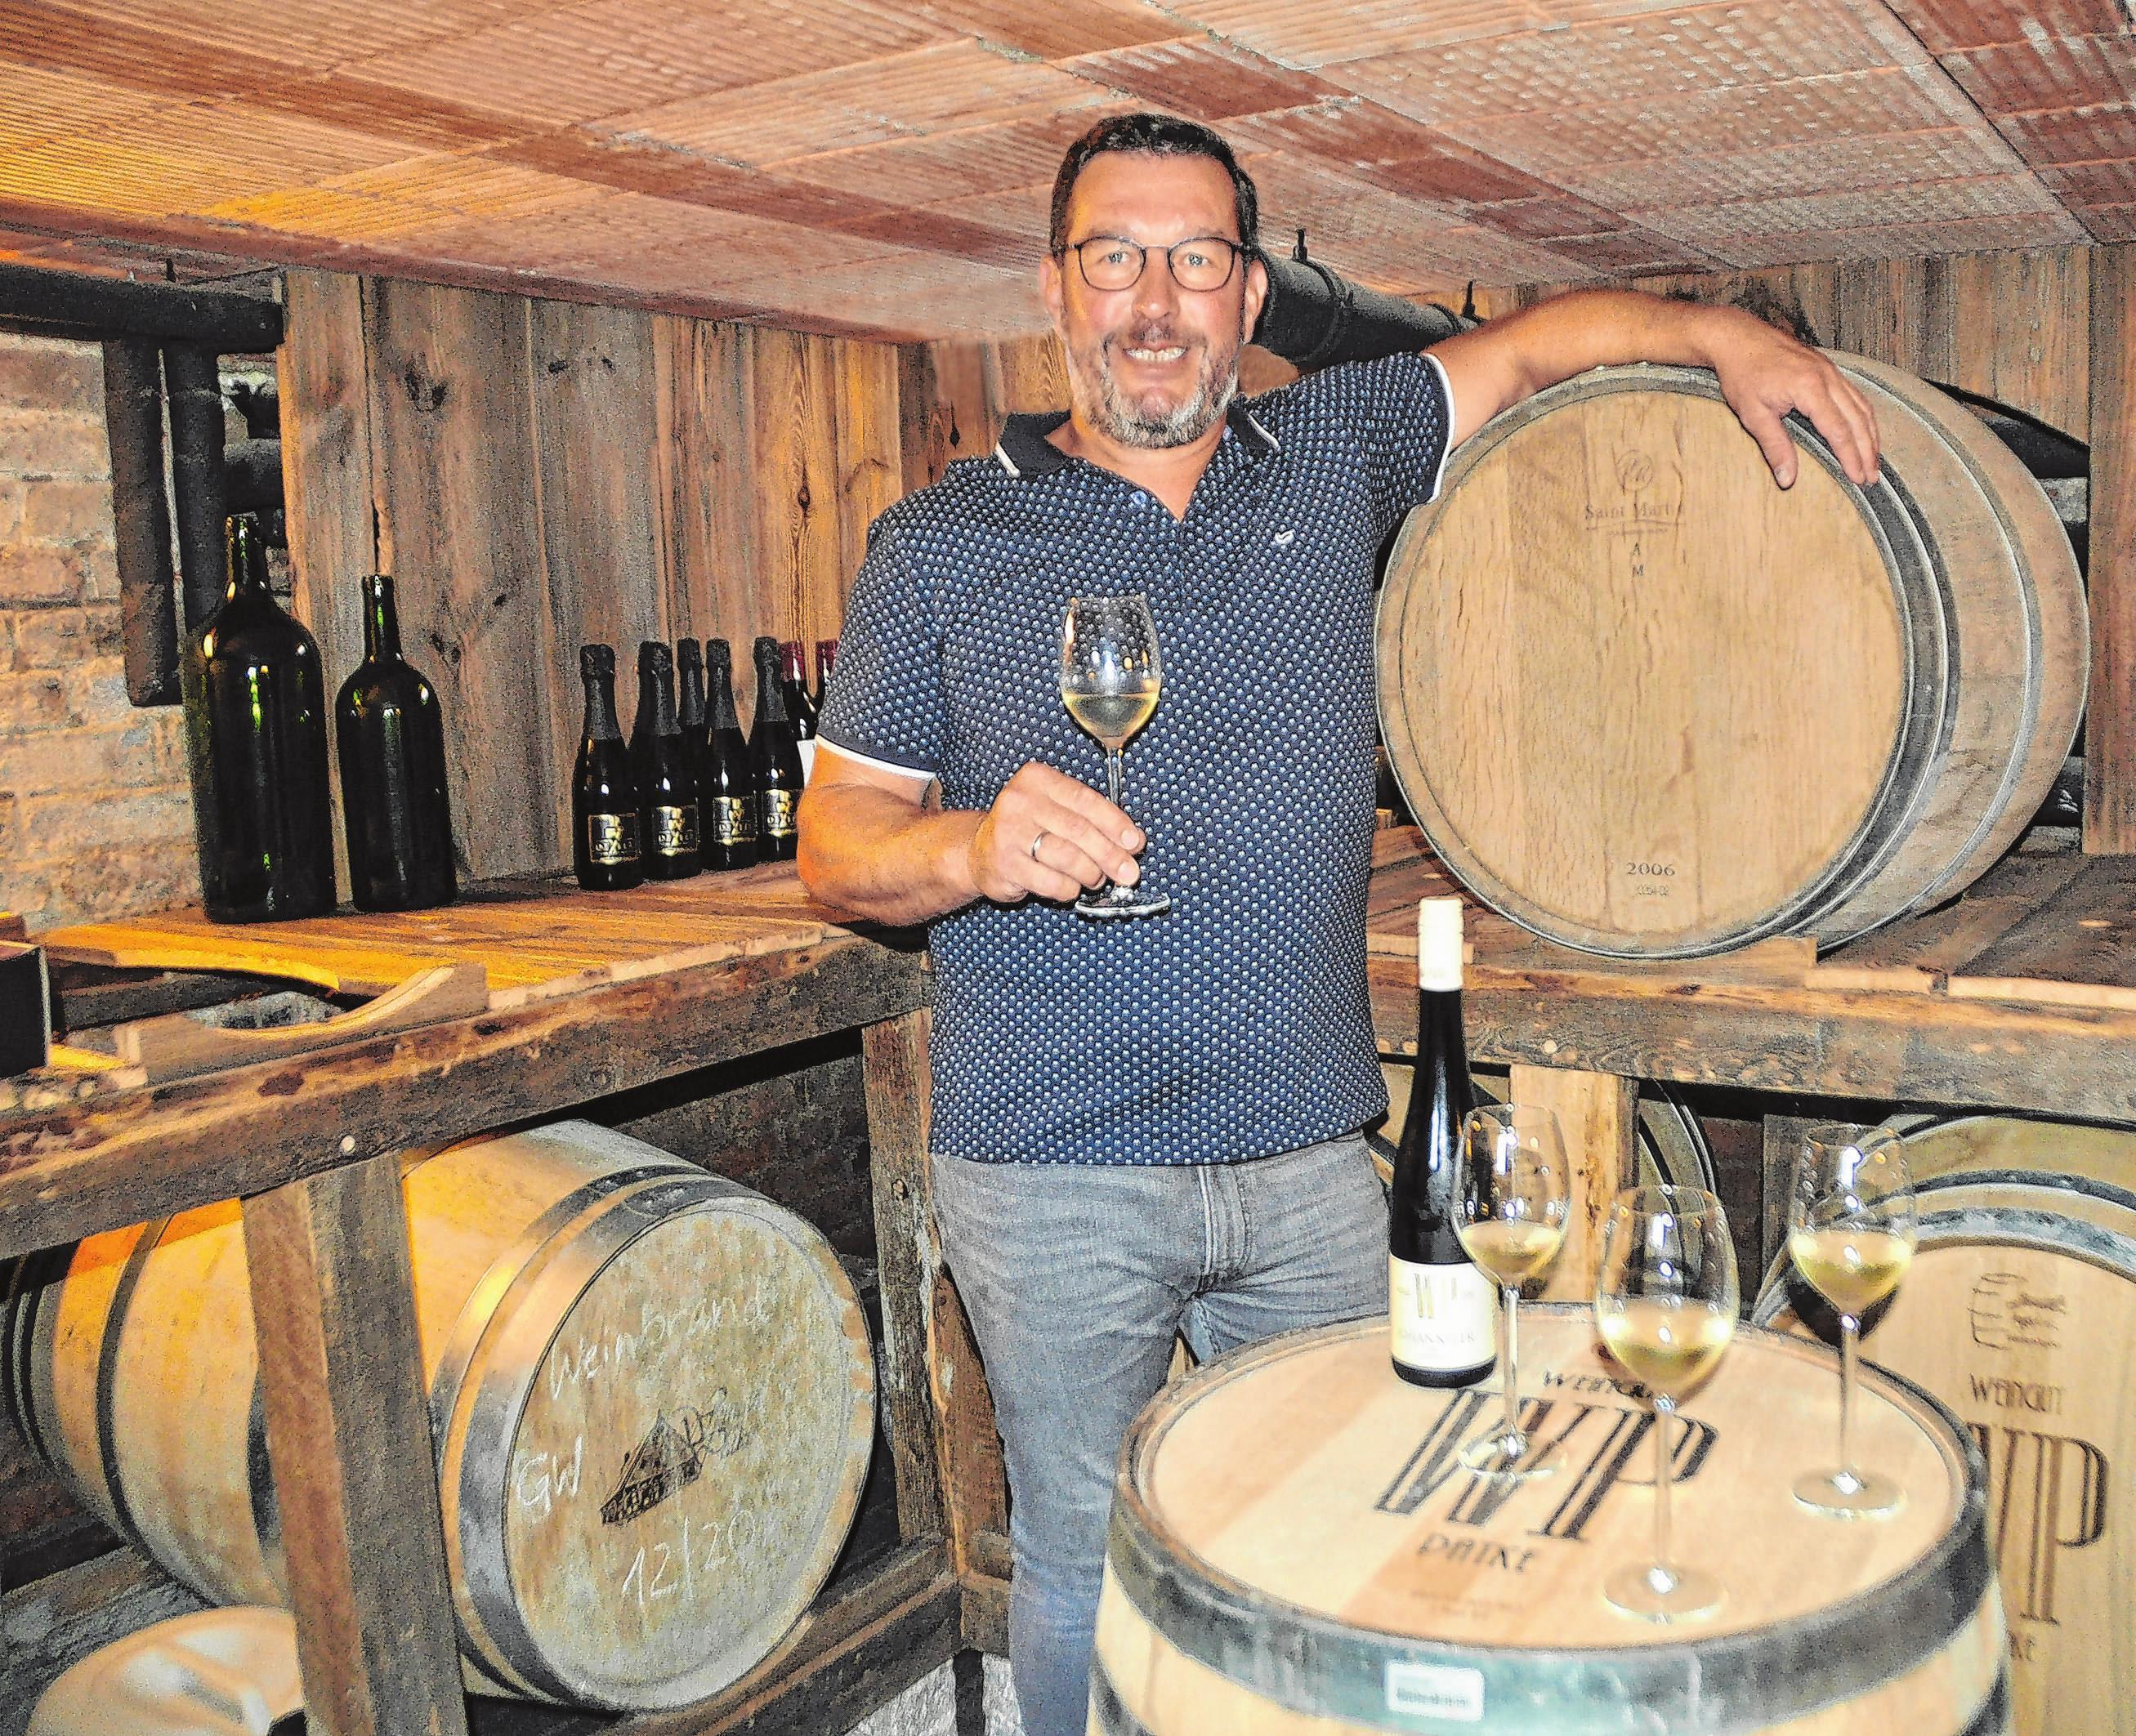 Steffen Lehmann gehört zu den drei Hobbywinzern, die das Weingut Patke in Pillgram bewirtschaften. Am 11./12.9. wird dort das Weinfest gefeiert. Fotos: Sabine Uy